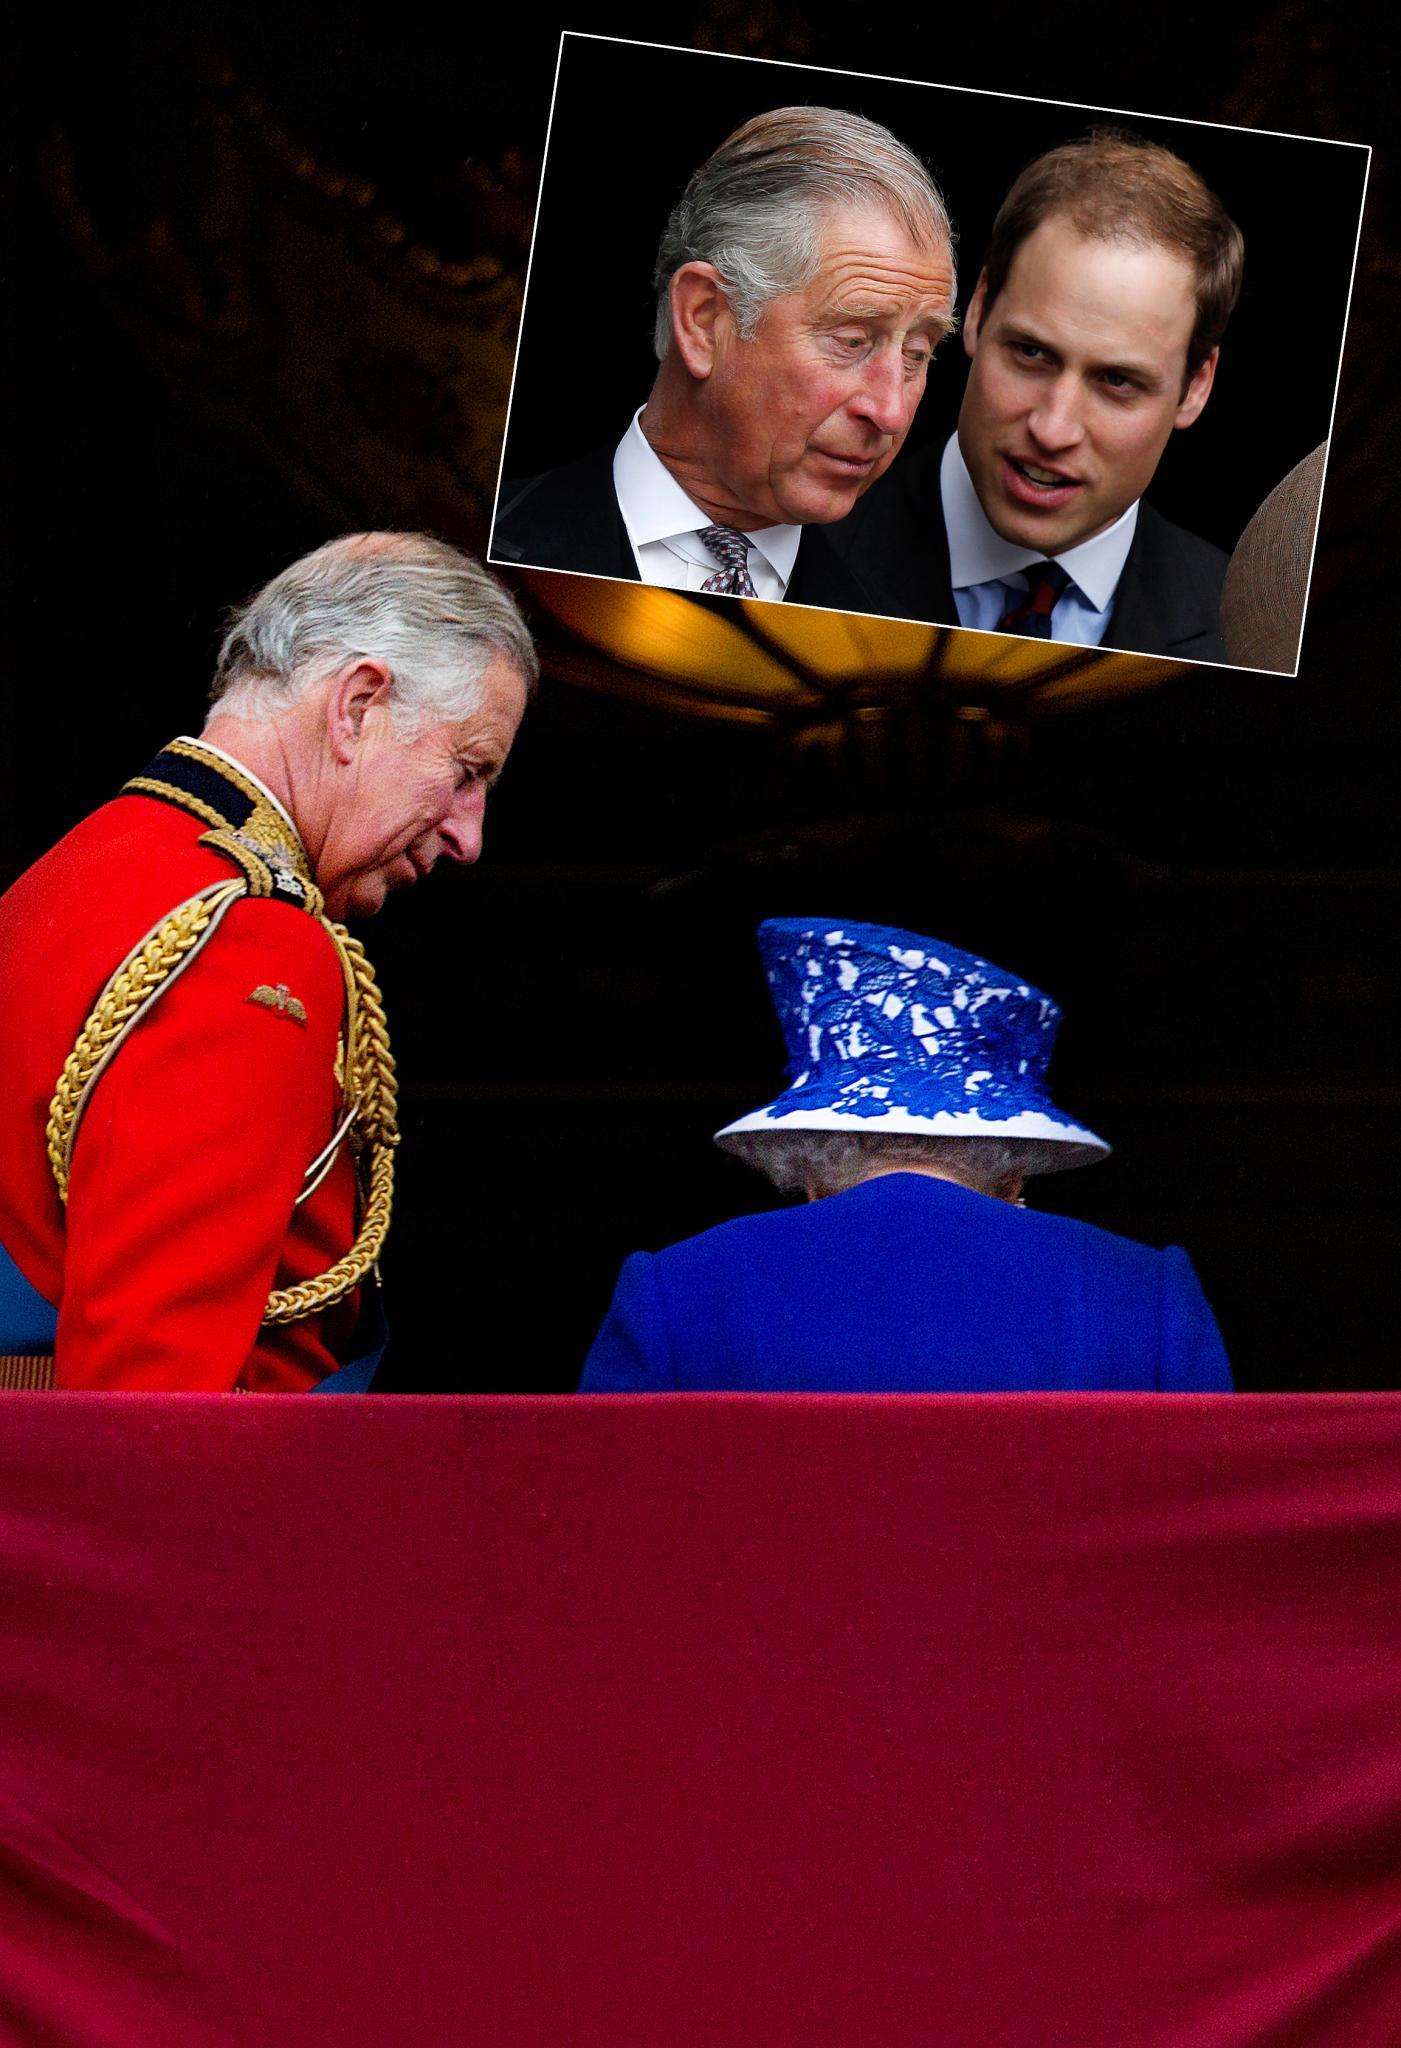 Generationen-Vetrag: Nach einer Parade für die Queen lässt Prinz Charles seiner Mutter auf dem Balkon von Buckingham Palace wie gewohnt den Vortritt. Eines Tages wird er ihr auf den Thron folgen, sein ältester Sohn Prinz William dürfte noch länger warten müssen.